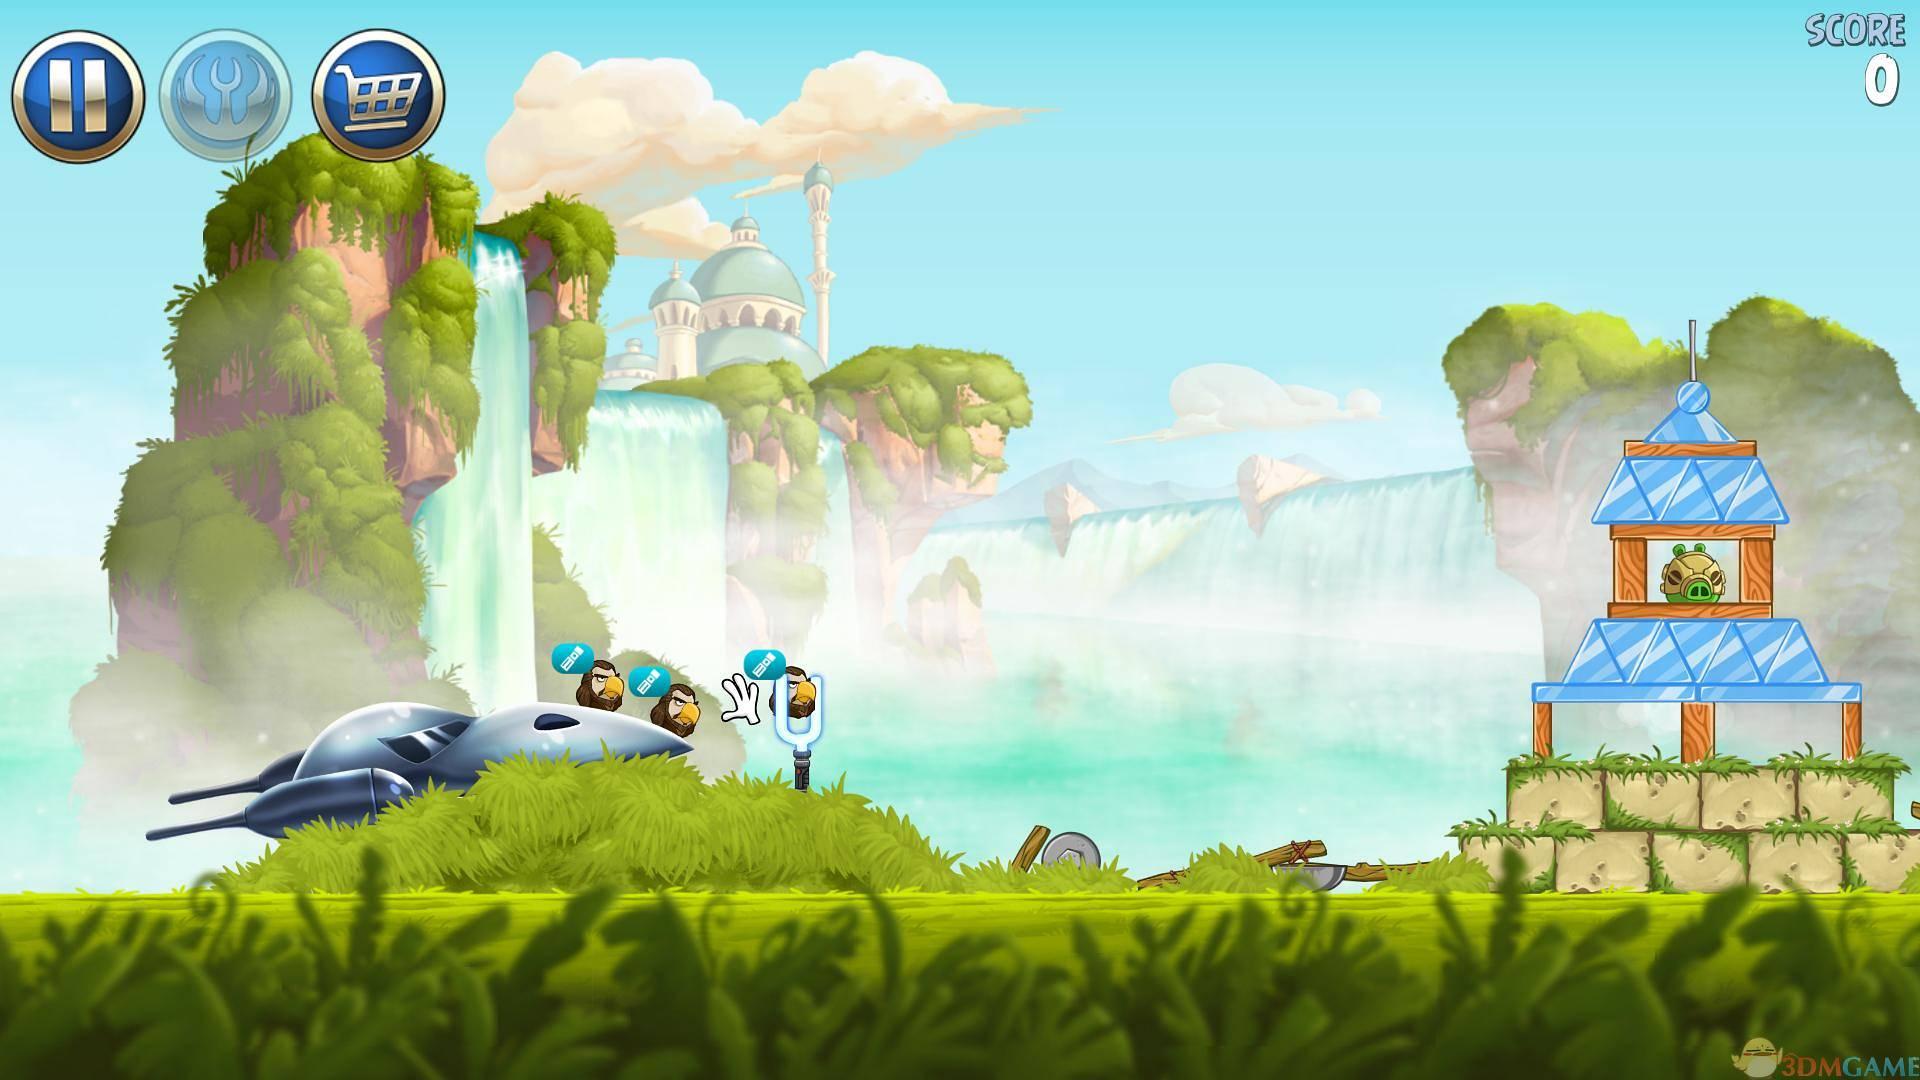 游戏介绍 愤怒的小鸟是一个在全球都相当火爆的休闲游戏系列,去年开发商Rovio推出了一款《愤怒的小鸟星球大战》,游戏将电影星期大战的各种元素融入到游戏中。《愤怒的小鸟:星球大战2》在剧情上将延续一代的特点,追随前传,游戏带来超过30个游戏角色,还可以加入死对头的阵营,以猪猪的角色来玩游戏。还可以扮演达斯摩尔、格里弗斯将军和其他恶棍,让我们先试玩一下吧。 配置要求 Windows XP/Vista/7/8 DirectX 9c 1 GHz 1 GB RAM 安装信息 1.